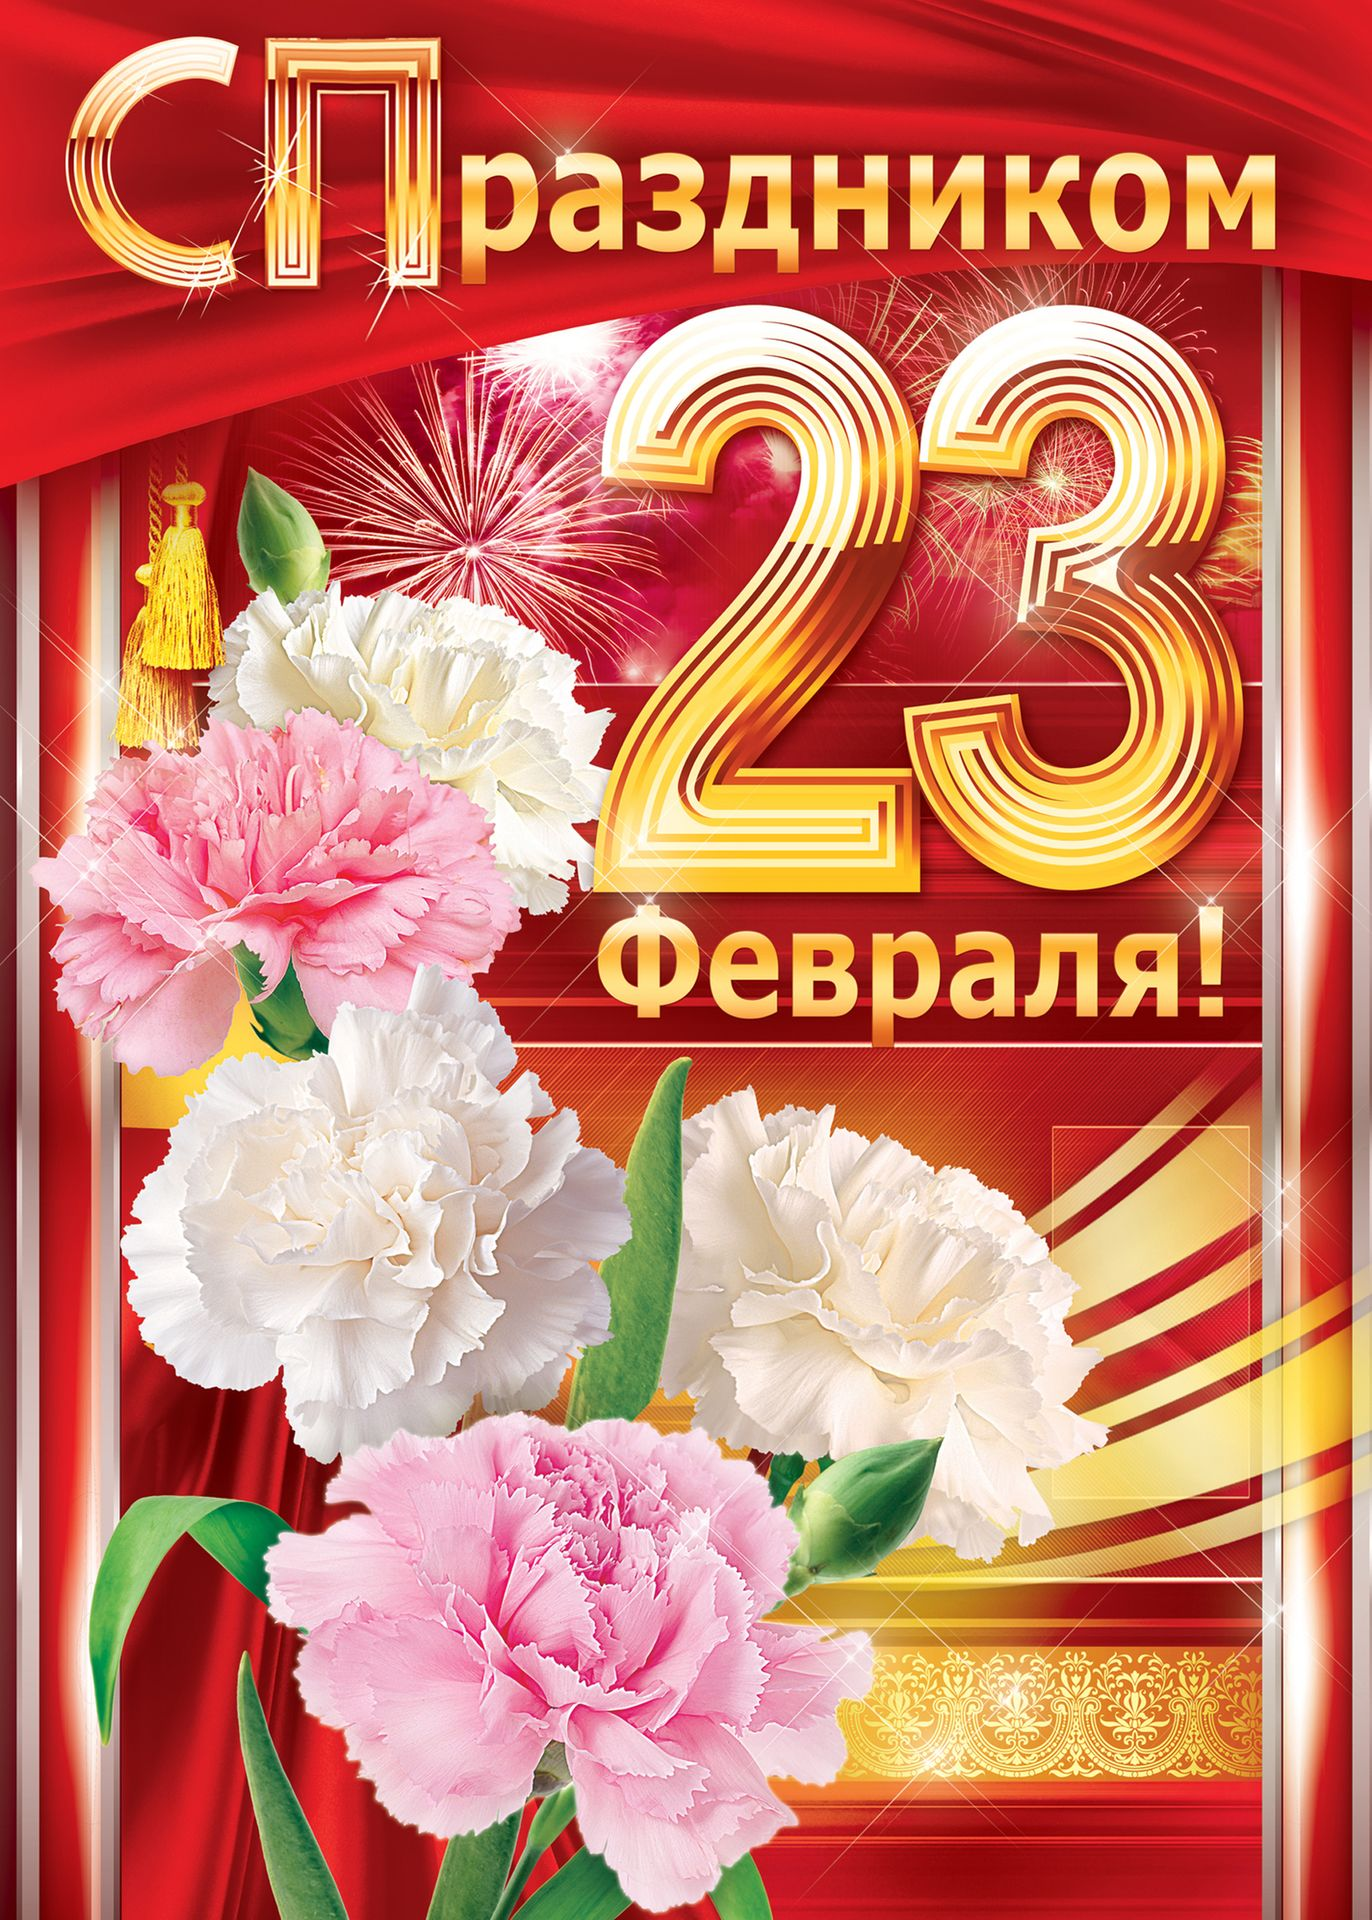 Красивые пожелания открытки с 23 февраля